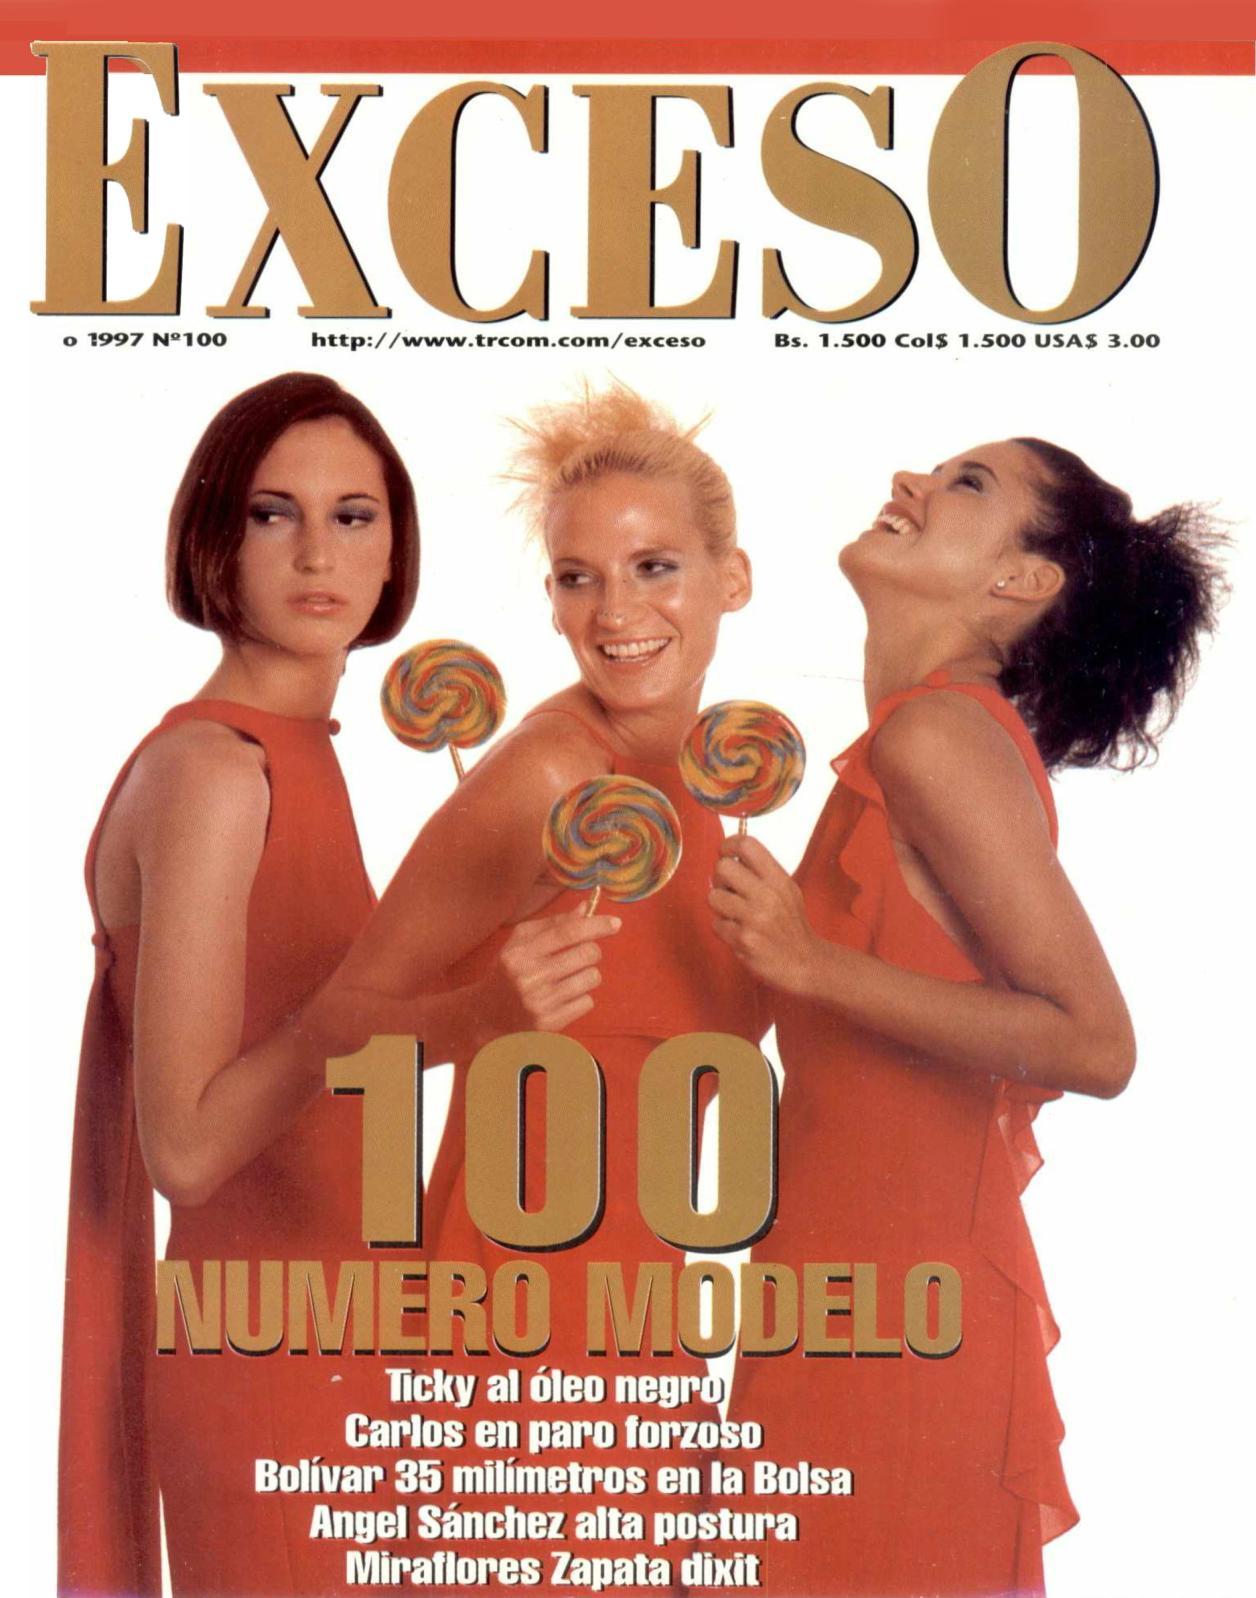 Calaméo - REVISTA EXCESO EDICIÓN Nº 100 AGOSTO 1997